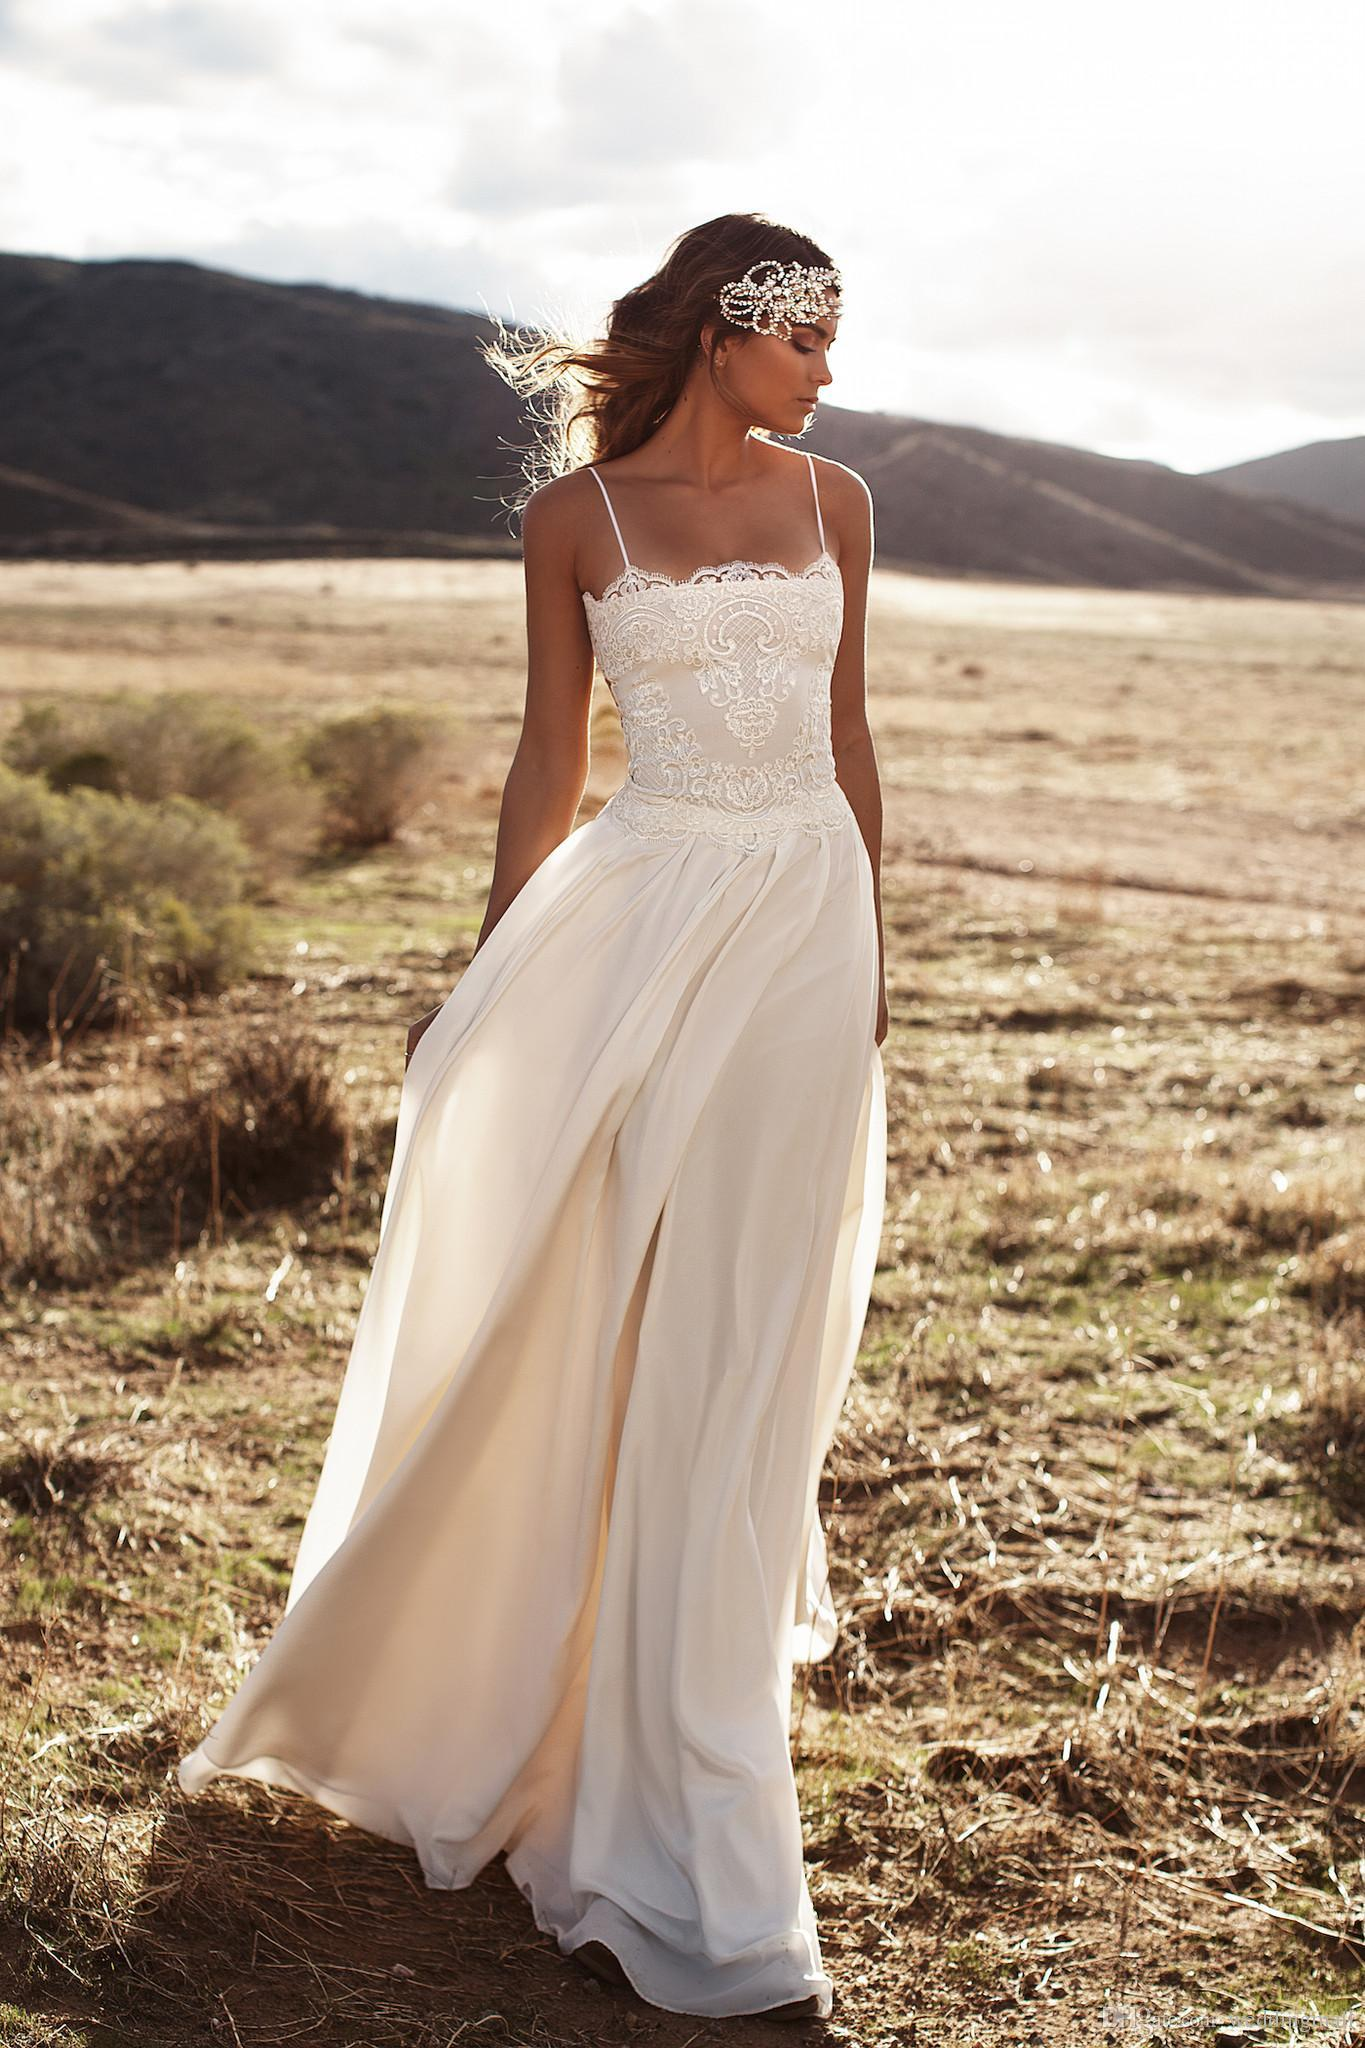 2016 nuova estate abiti da sposa senza spalline in pizzo chiffon pavimento lunghezza a-line abiti da sposa spiaggia semplice plus size economici abiti da sposa